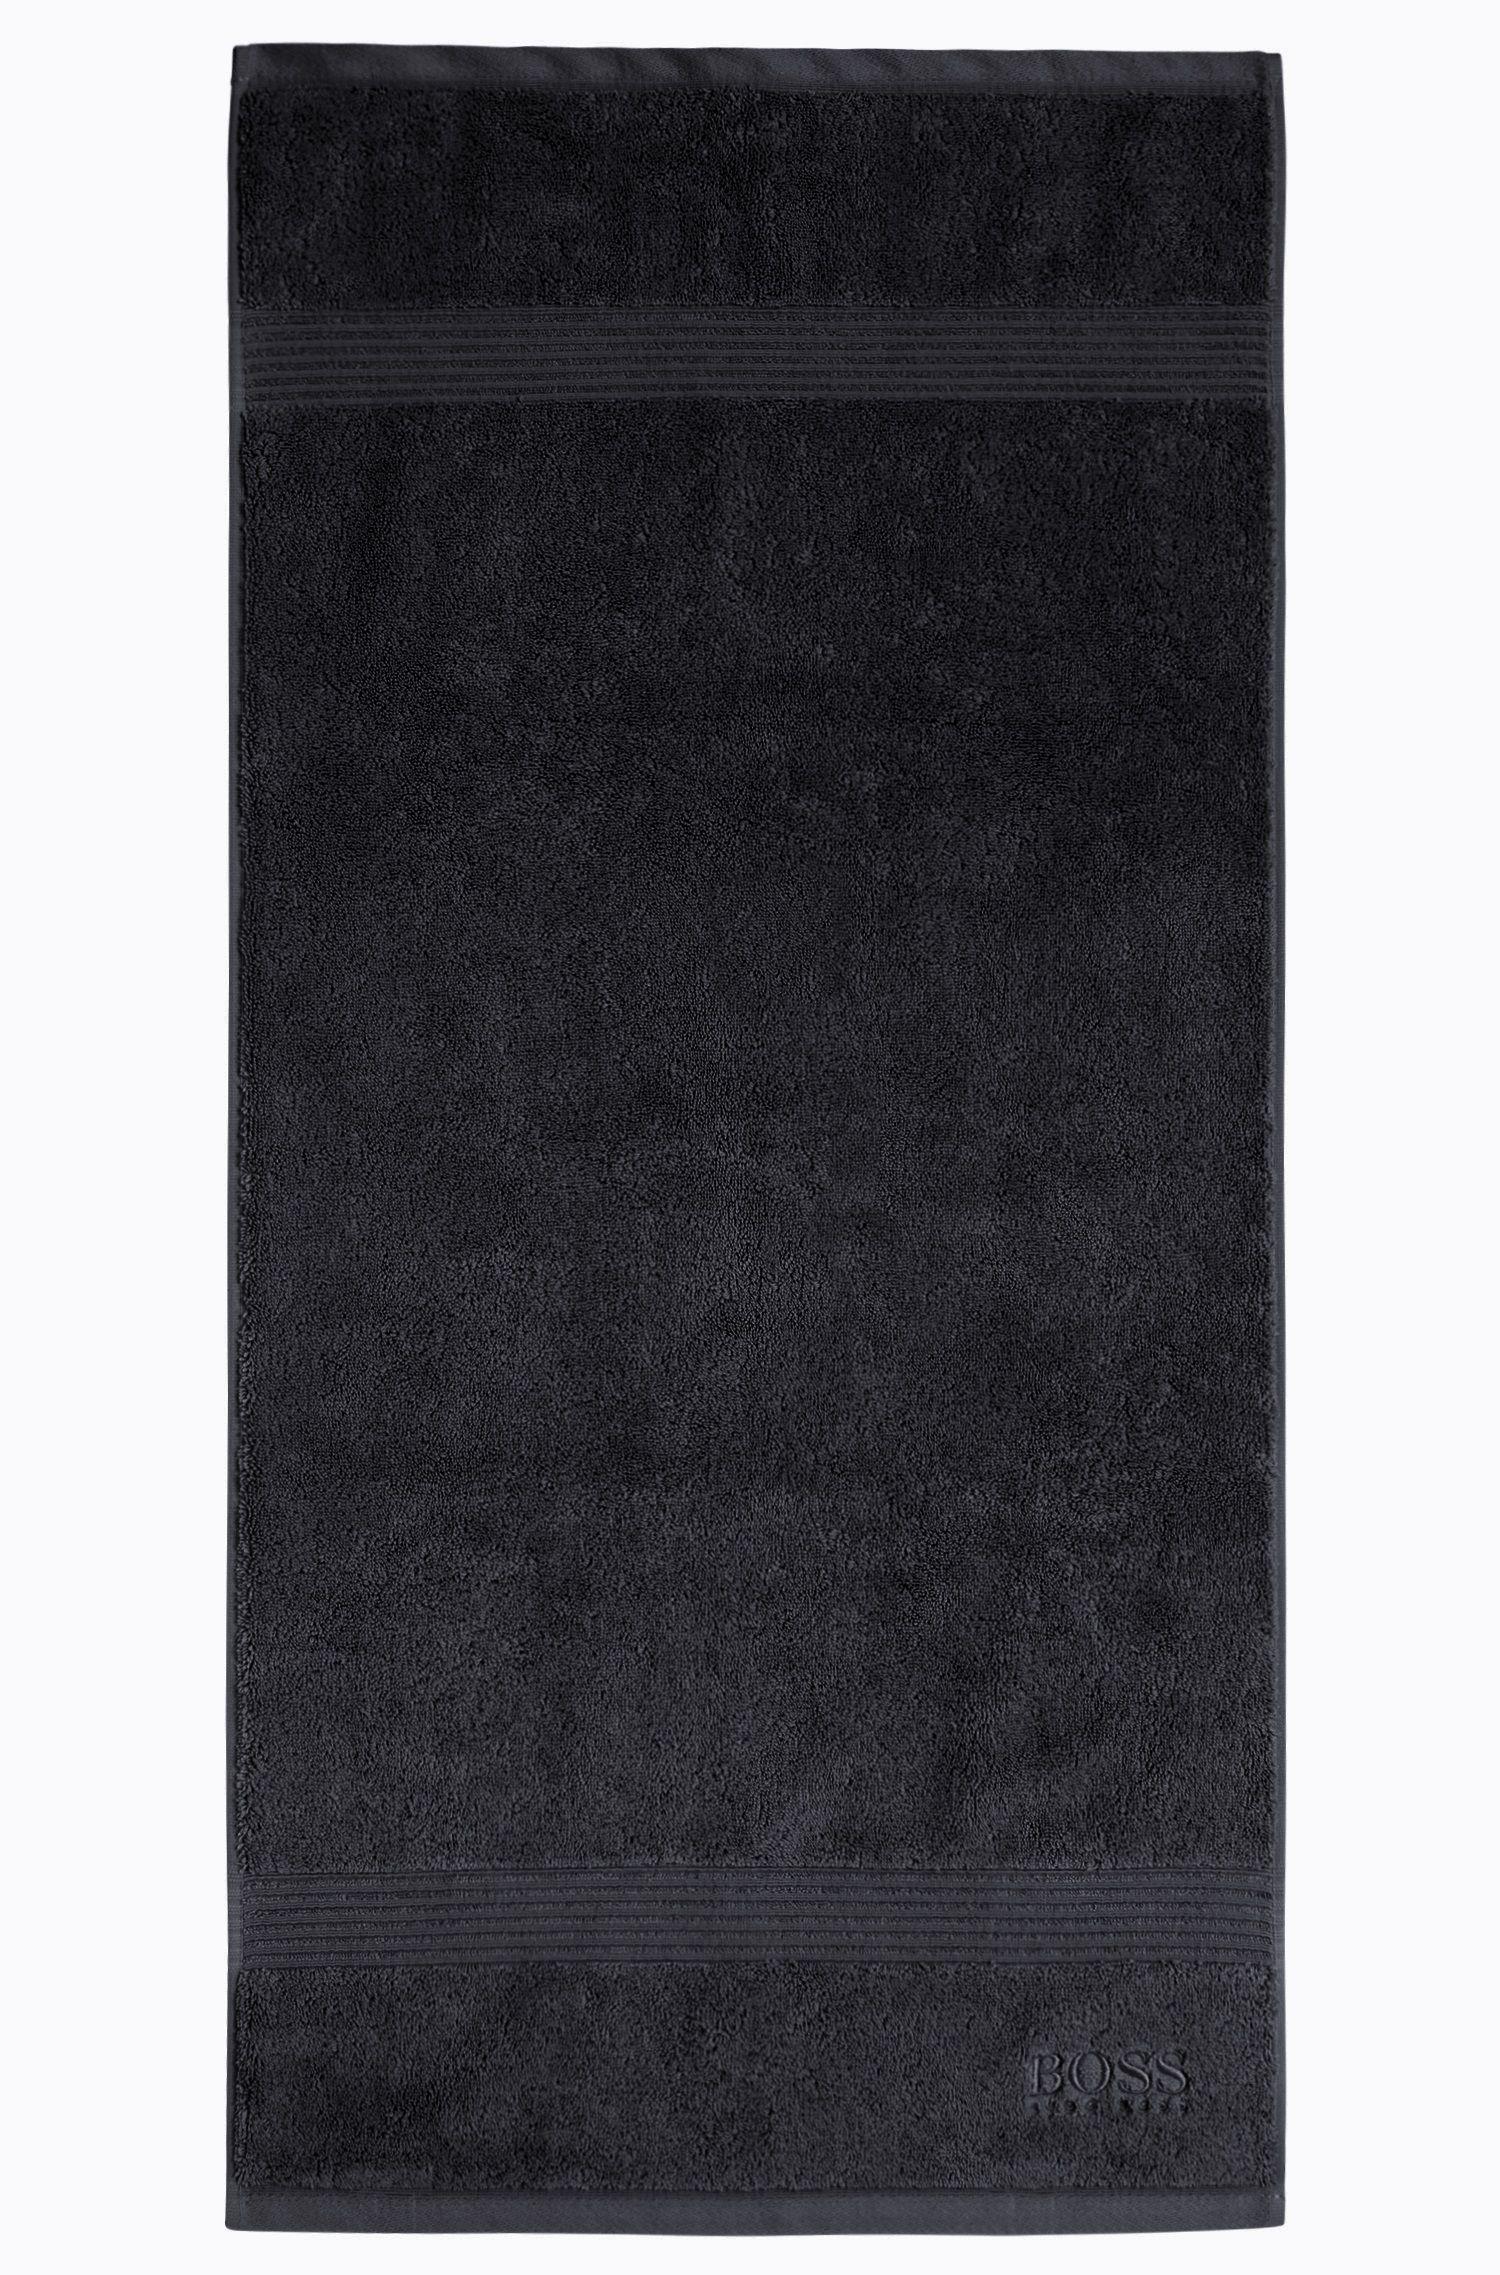 Handdoek van gekamde Egeïsche katoen met geribde rand